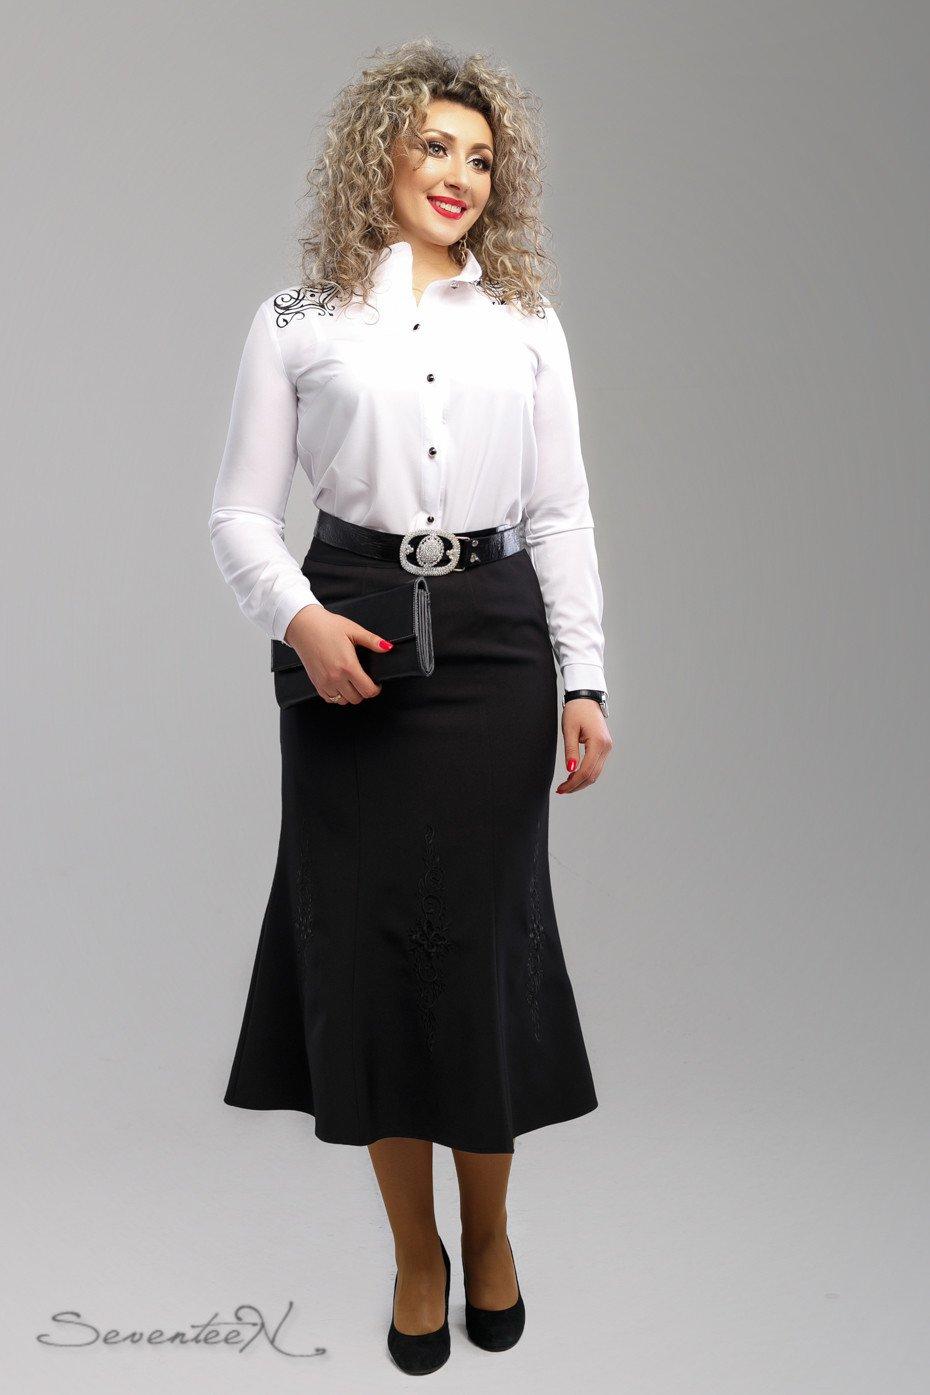 7e55fc88f6b Черная женская юбка с вышивкой 1993 - купить недорого — Donna Bella ...